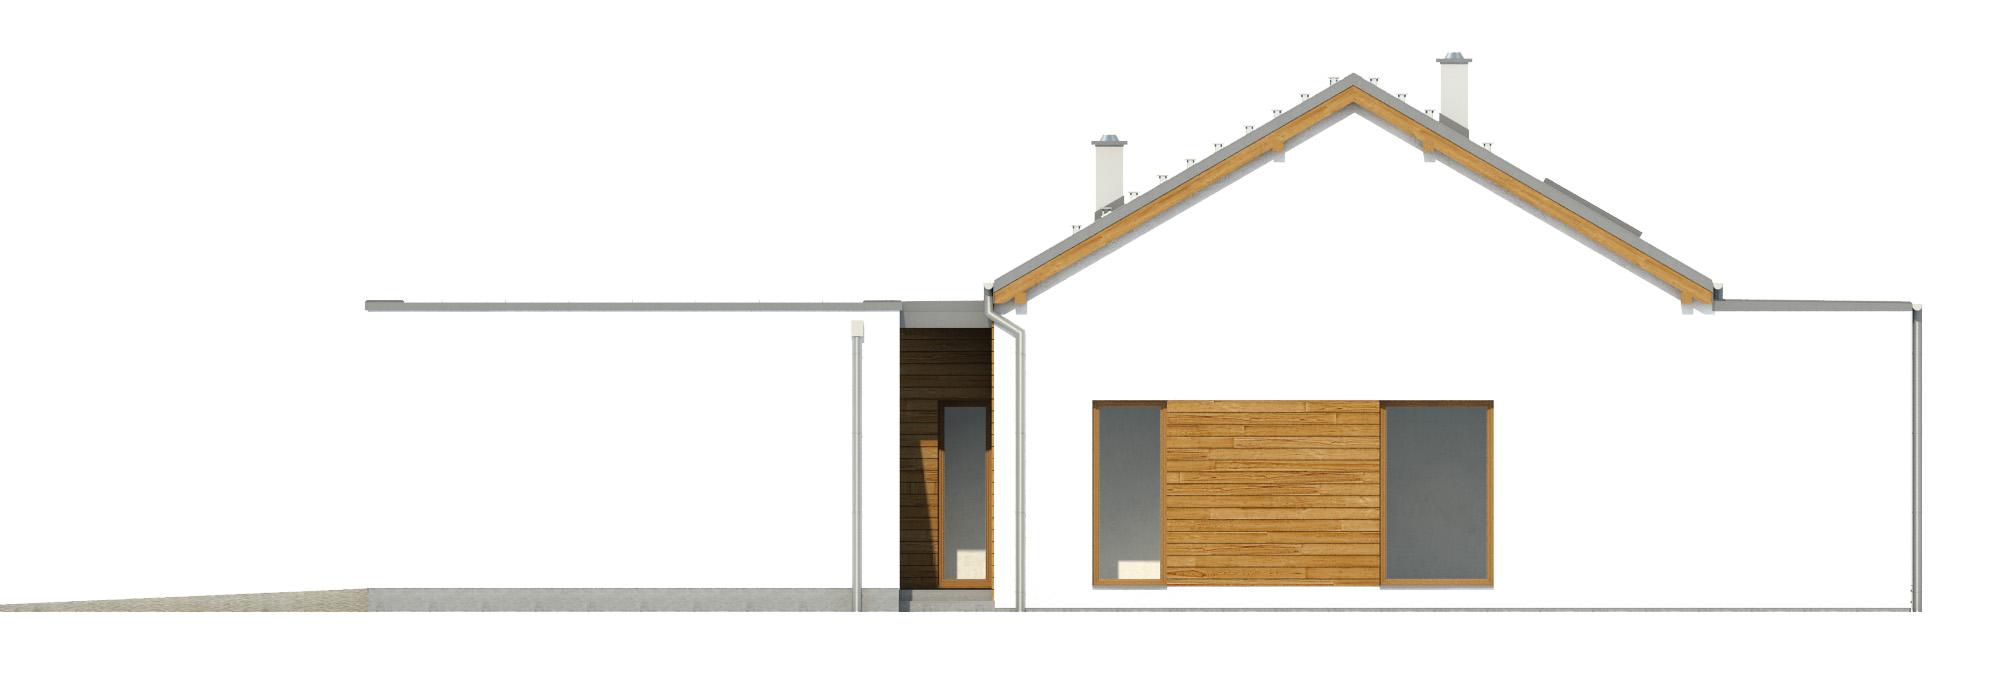 Projekt domu NISKI Domy Czystej Energii elewacja boczna